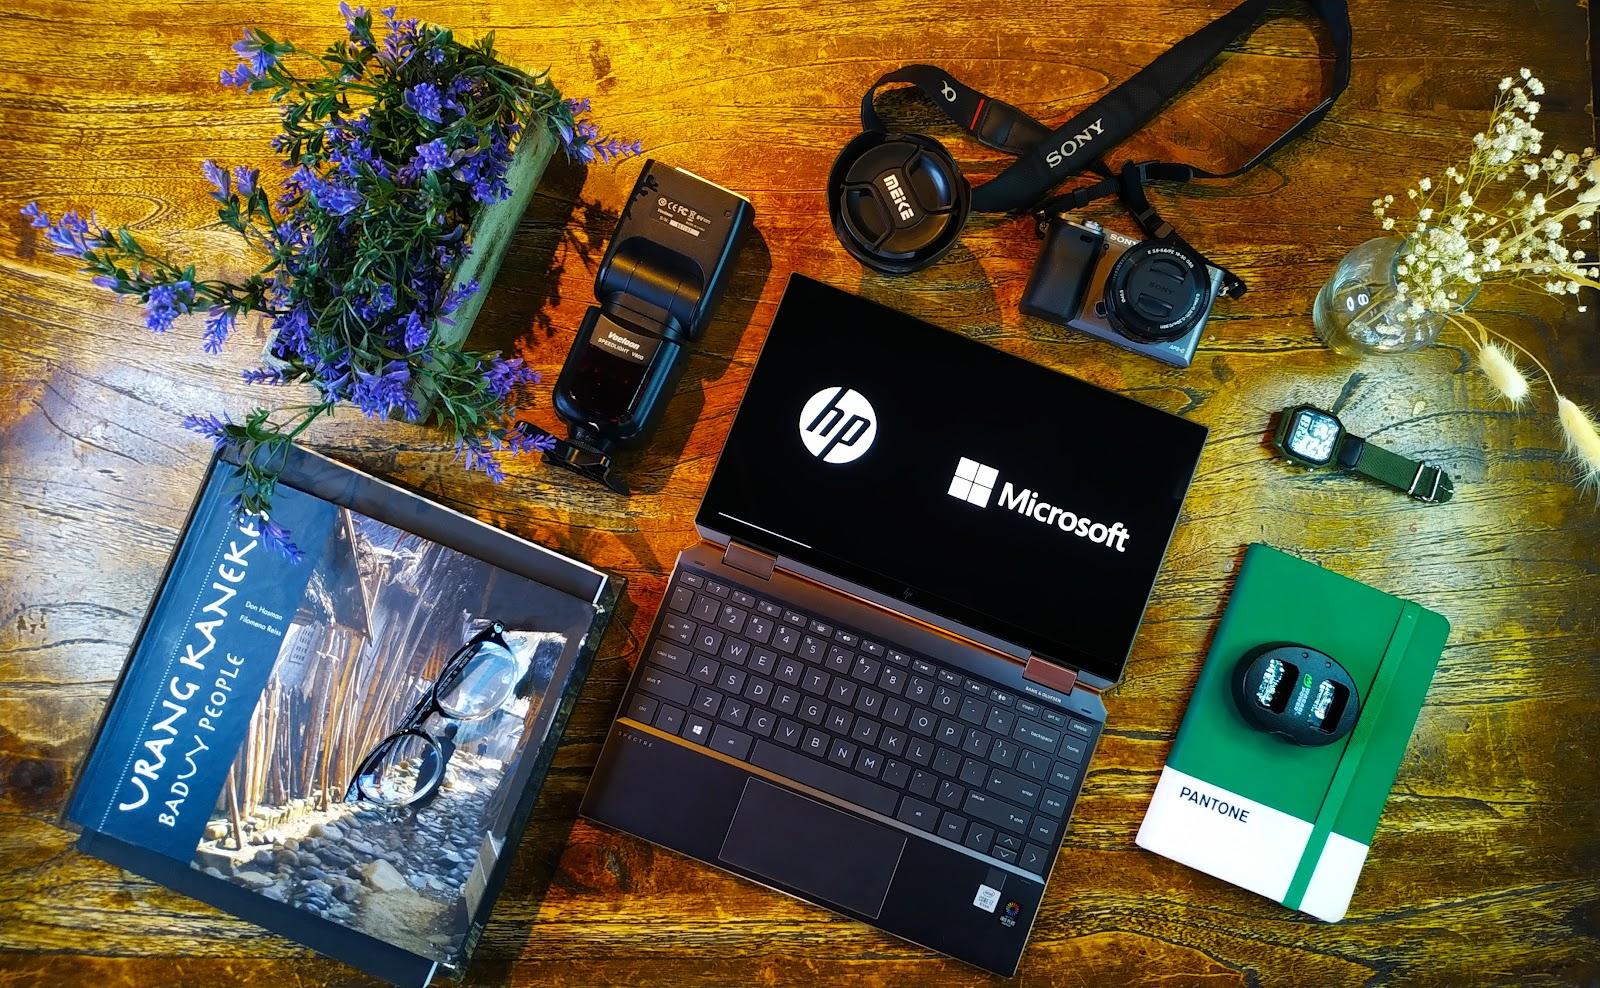 Foto Flatlay HP Spectre x360